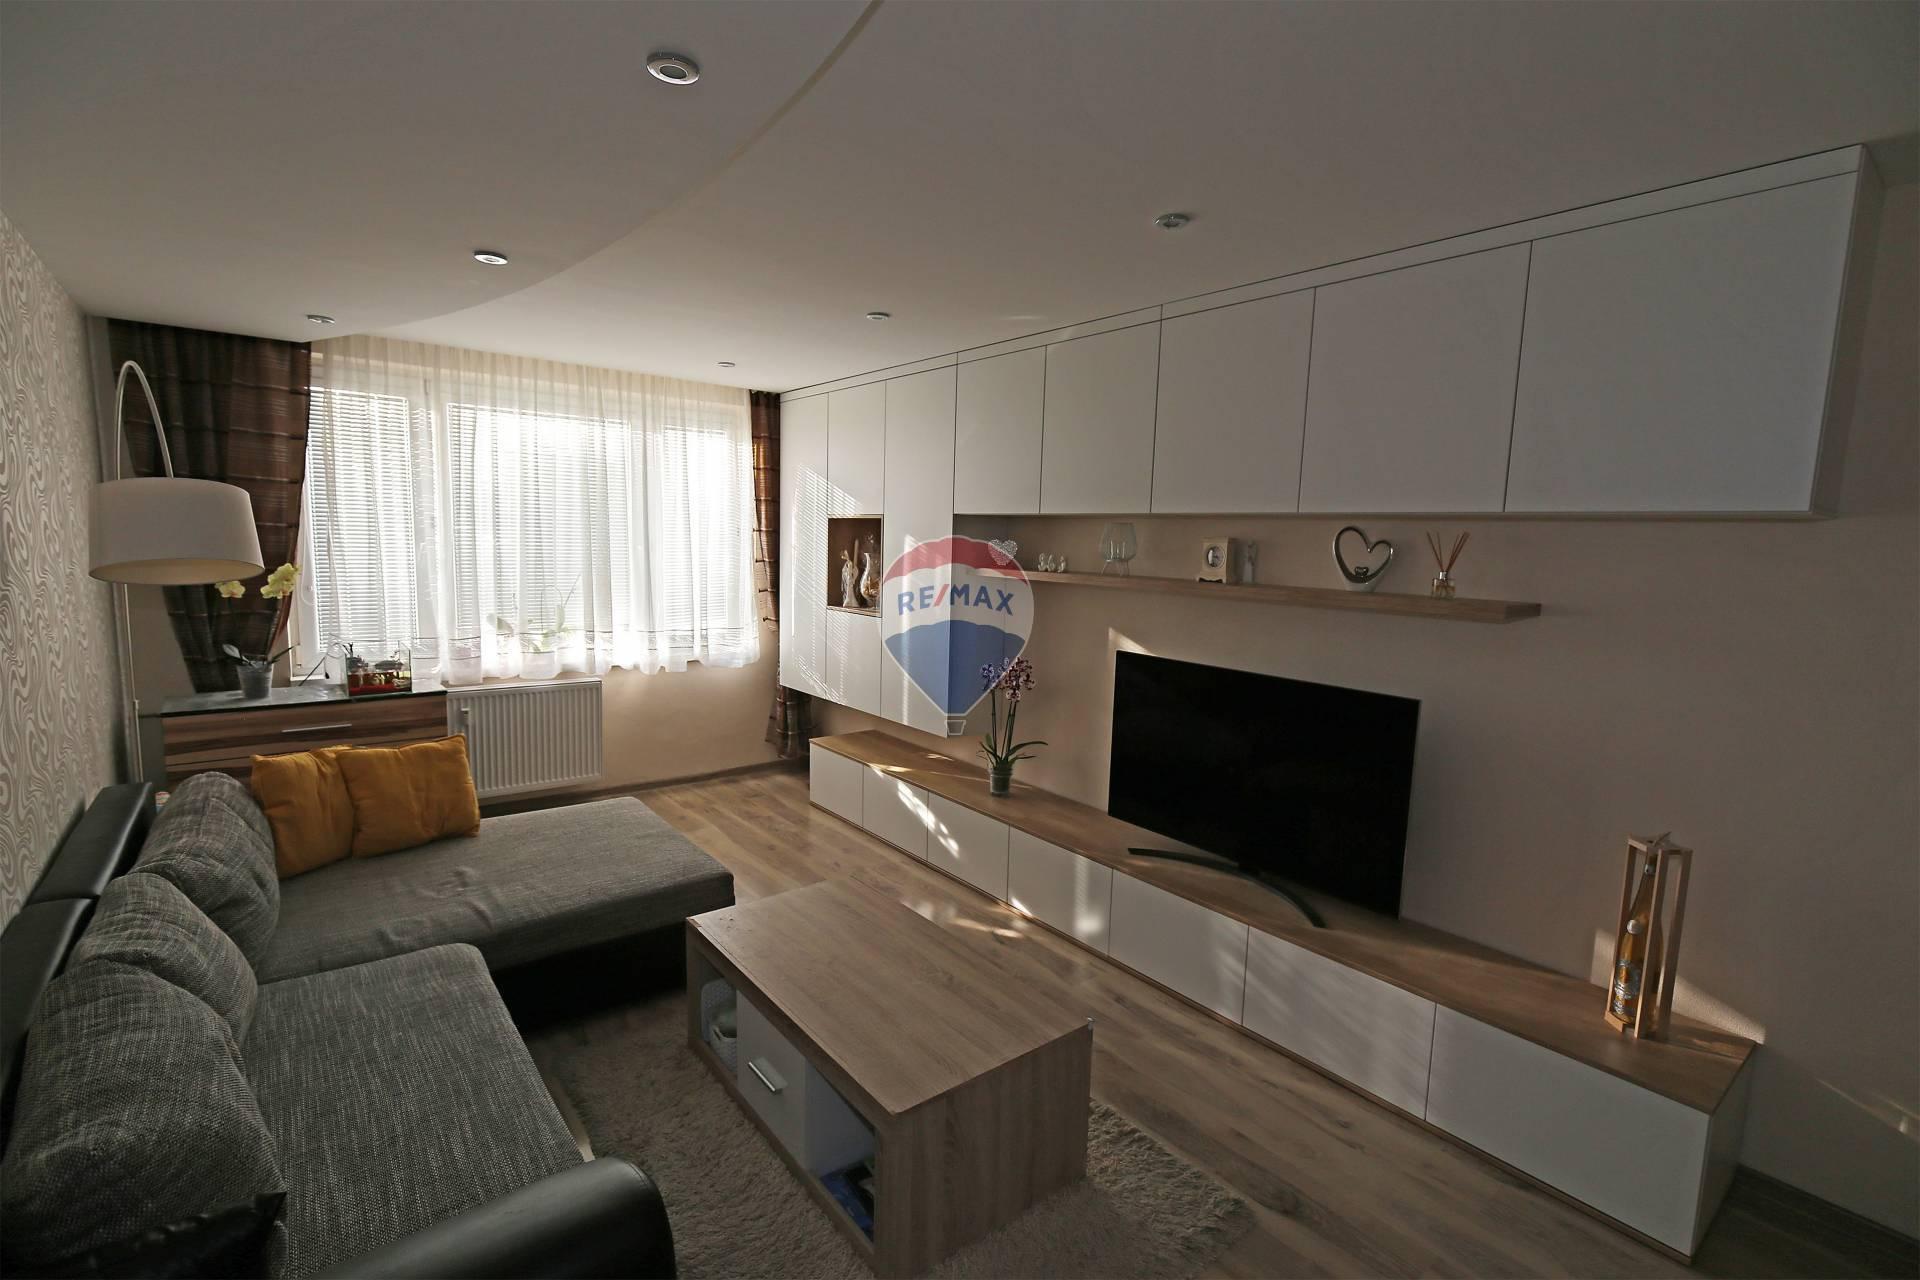 Predaj  3- izbového kompletne zariadeného bytu Bánovce nad Bebravou